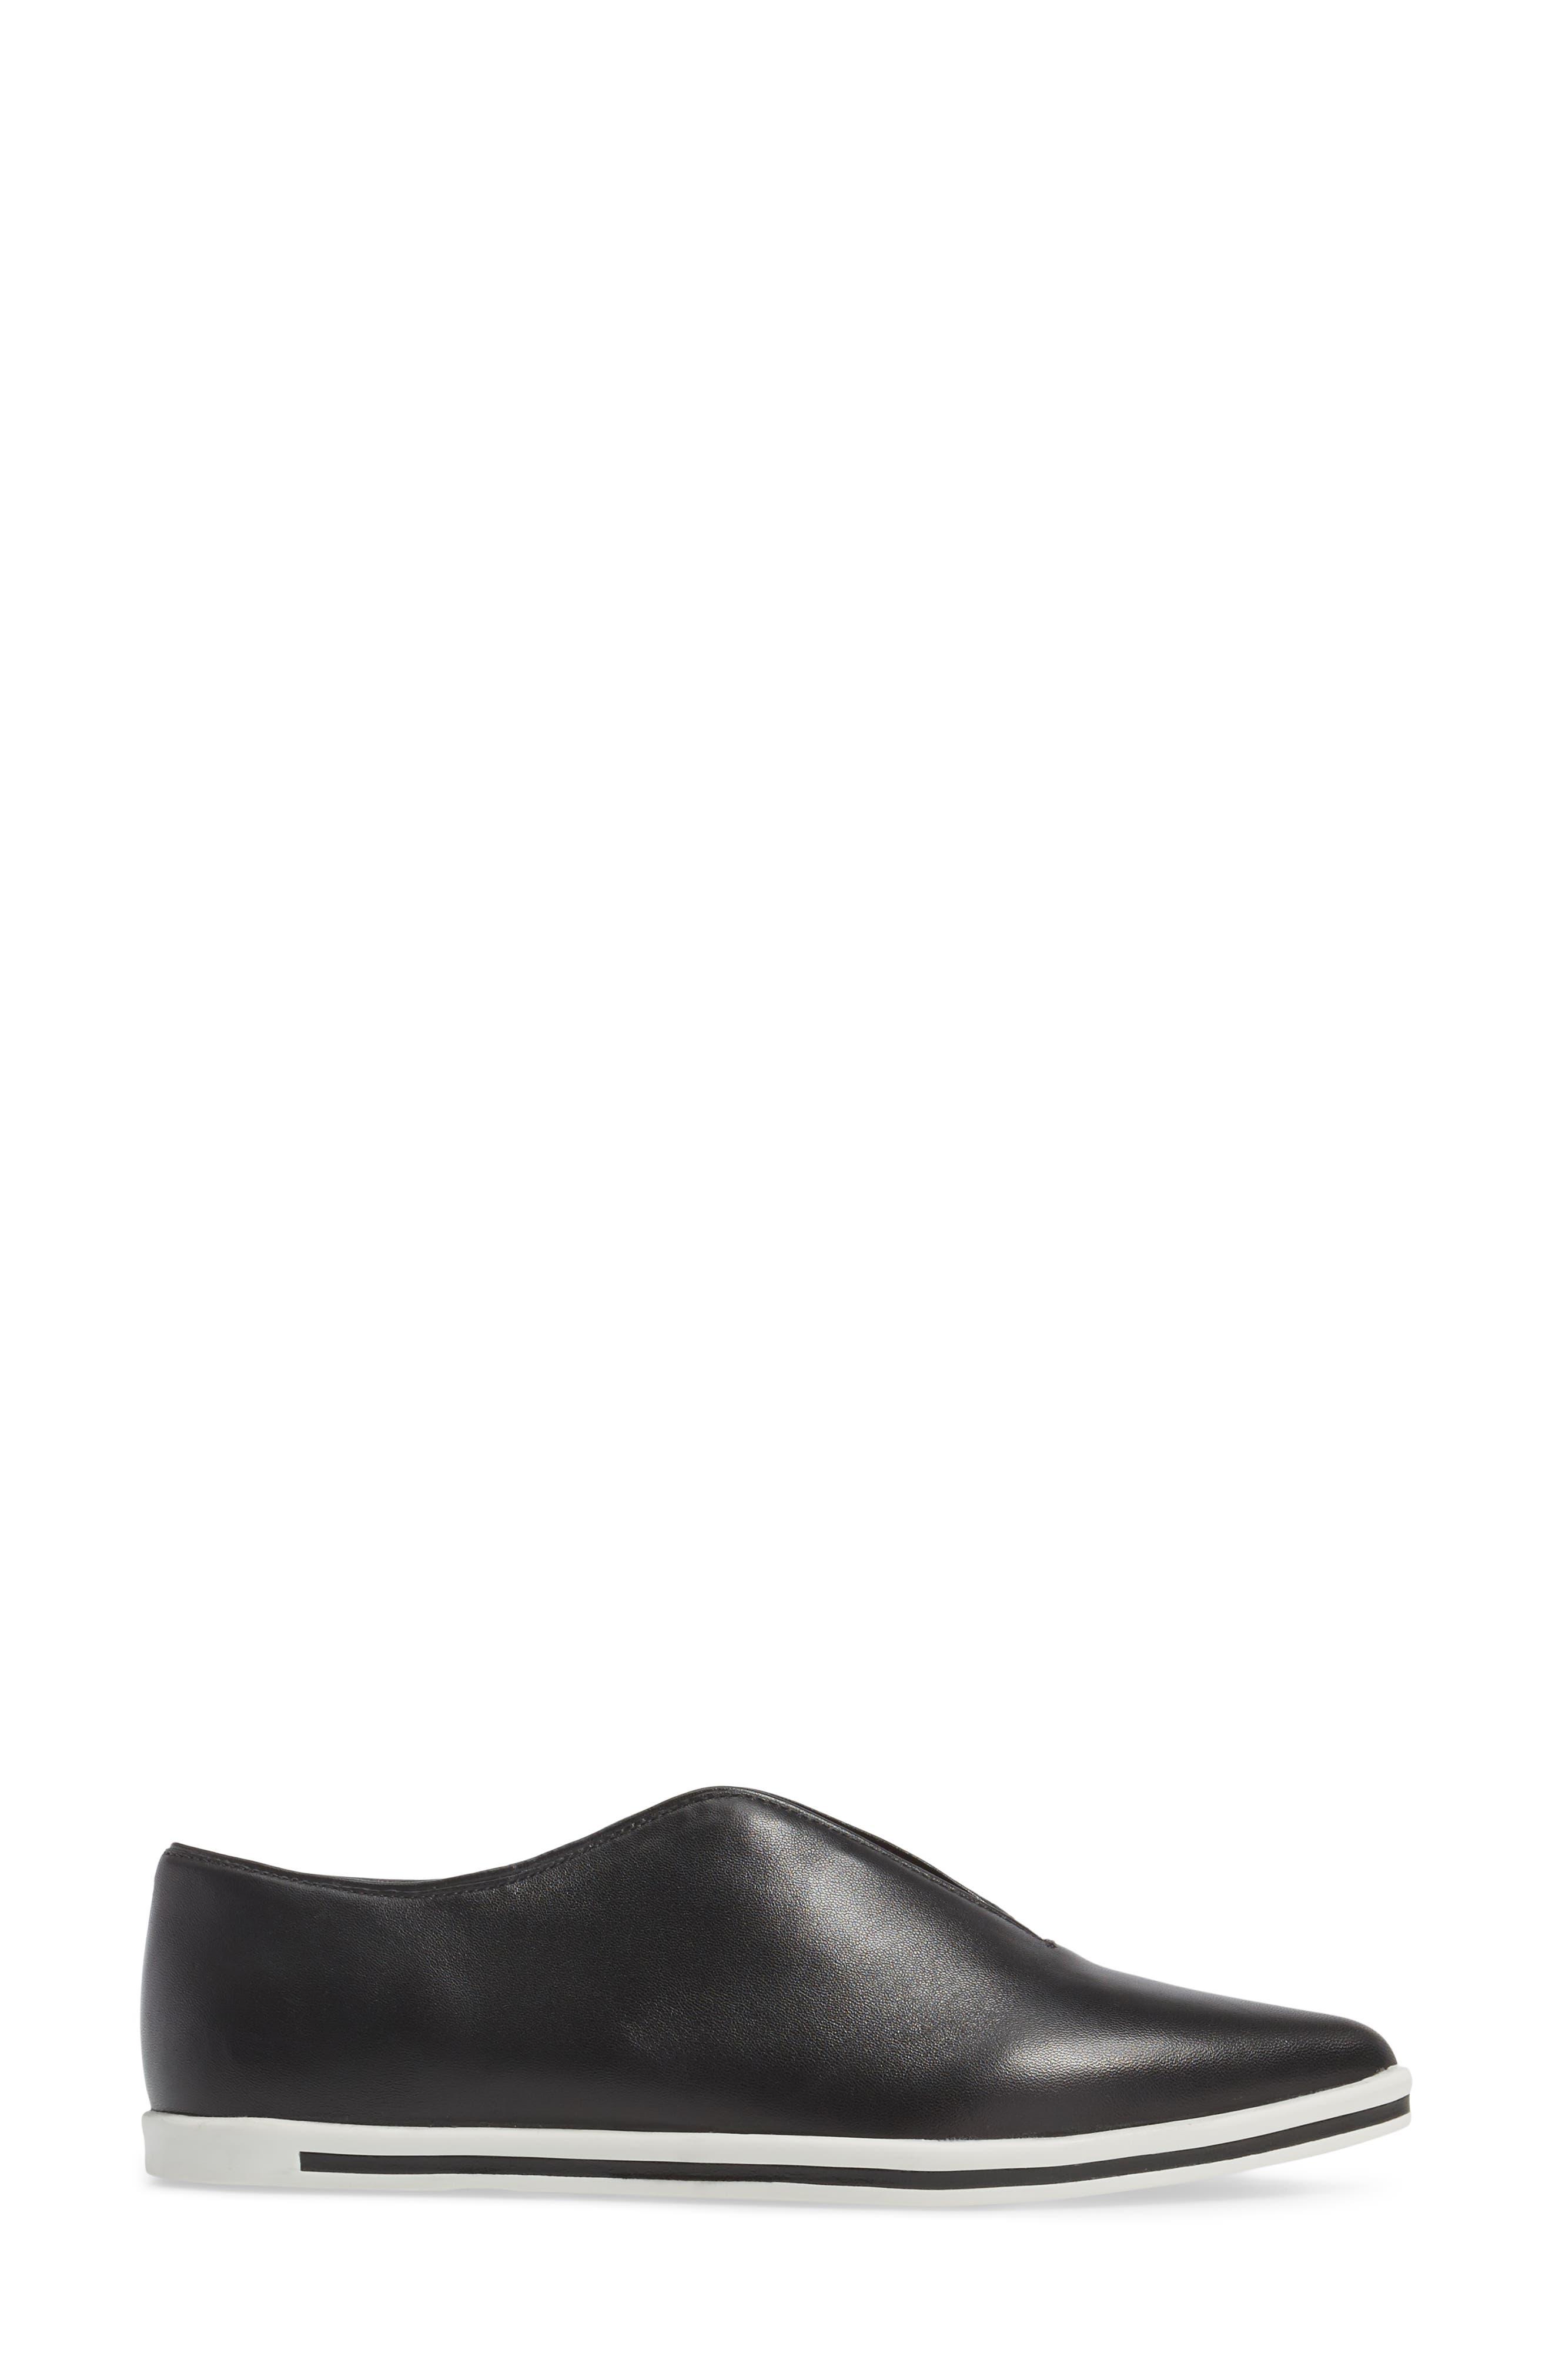 Tisha Slip-On Sneaker,                             Alternate thumbnail 3, color,                             004